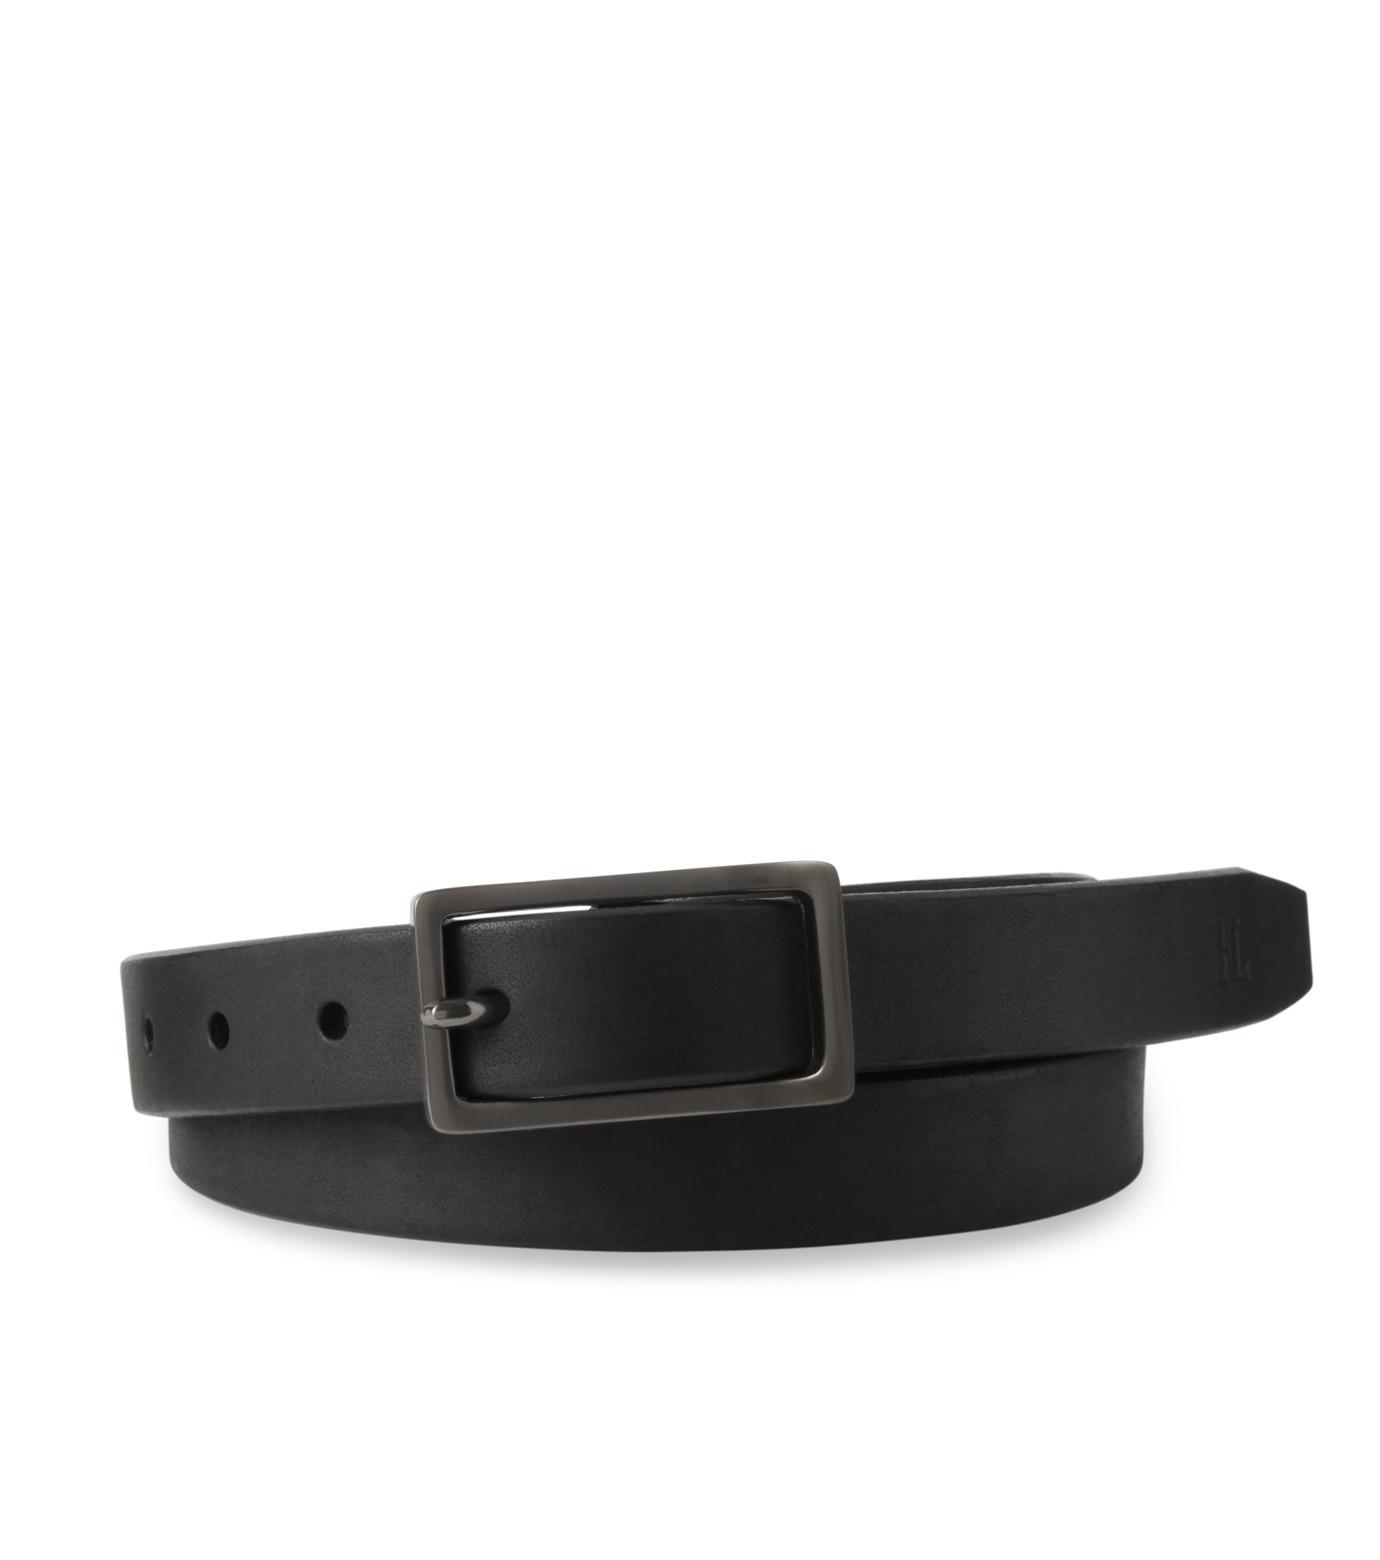 HL HEDDIE LOVU(エイチエル・エディールーヴ)のSaddle basic-BLACK(ベルト/belt)-16A90001-13 拡大詳細画像1